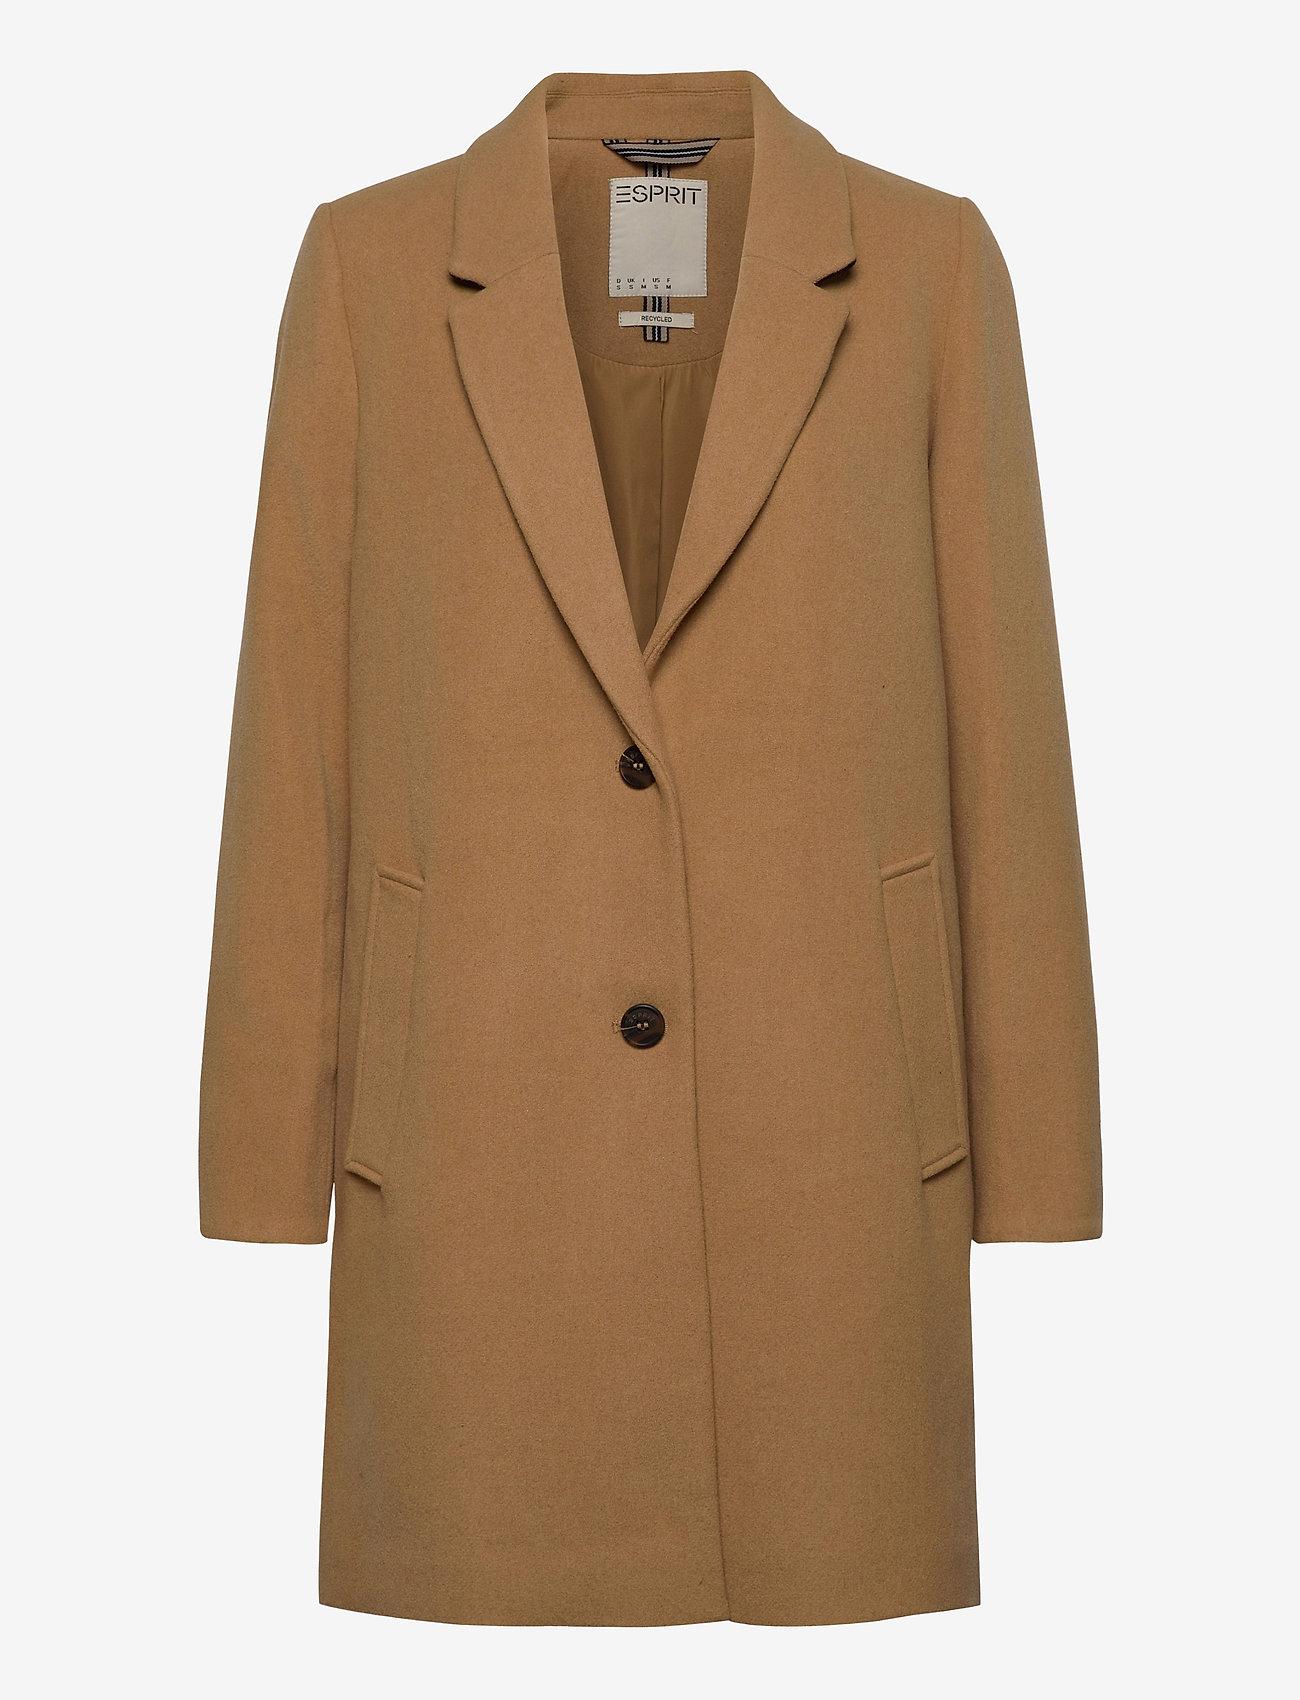 Esprit Casual - Coats woven - manteaux en laine - camel - 0